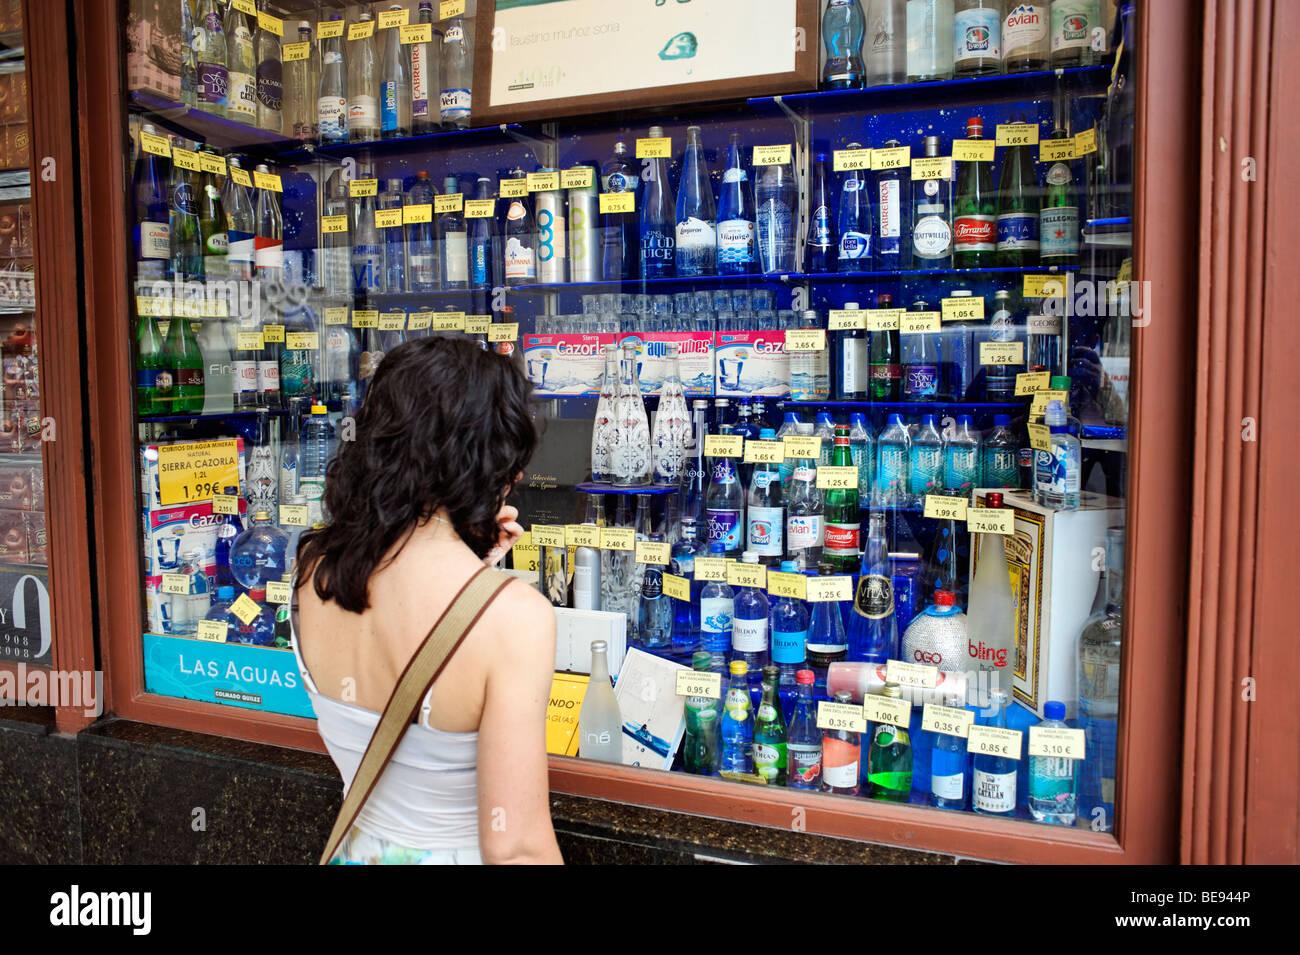 Vitrine avec grande sélection de bouteilles d'eau minérale. Barcelone. Espagne Photo Stock